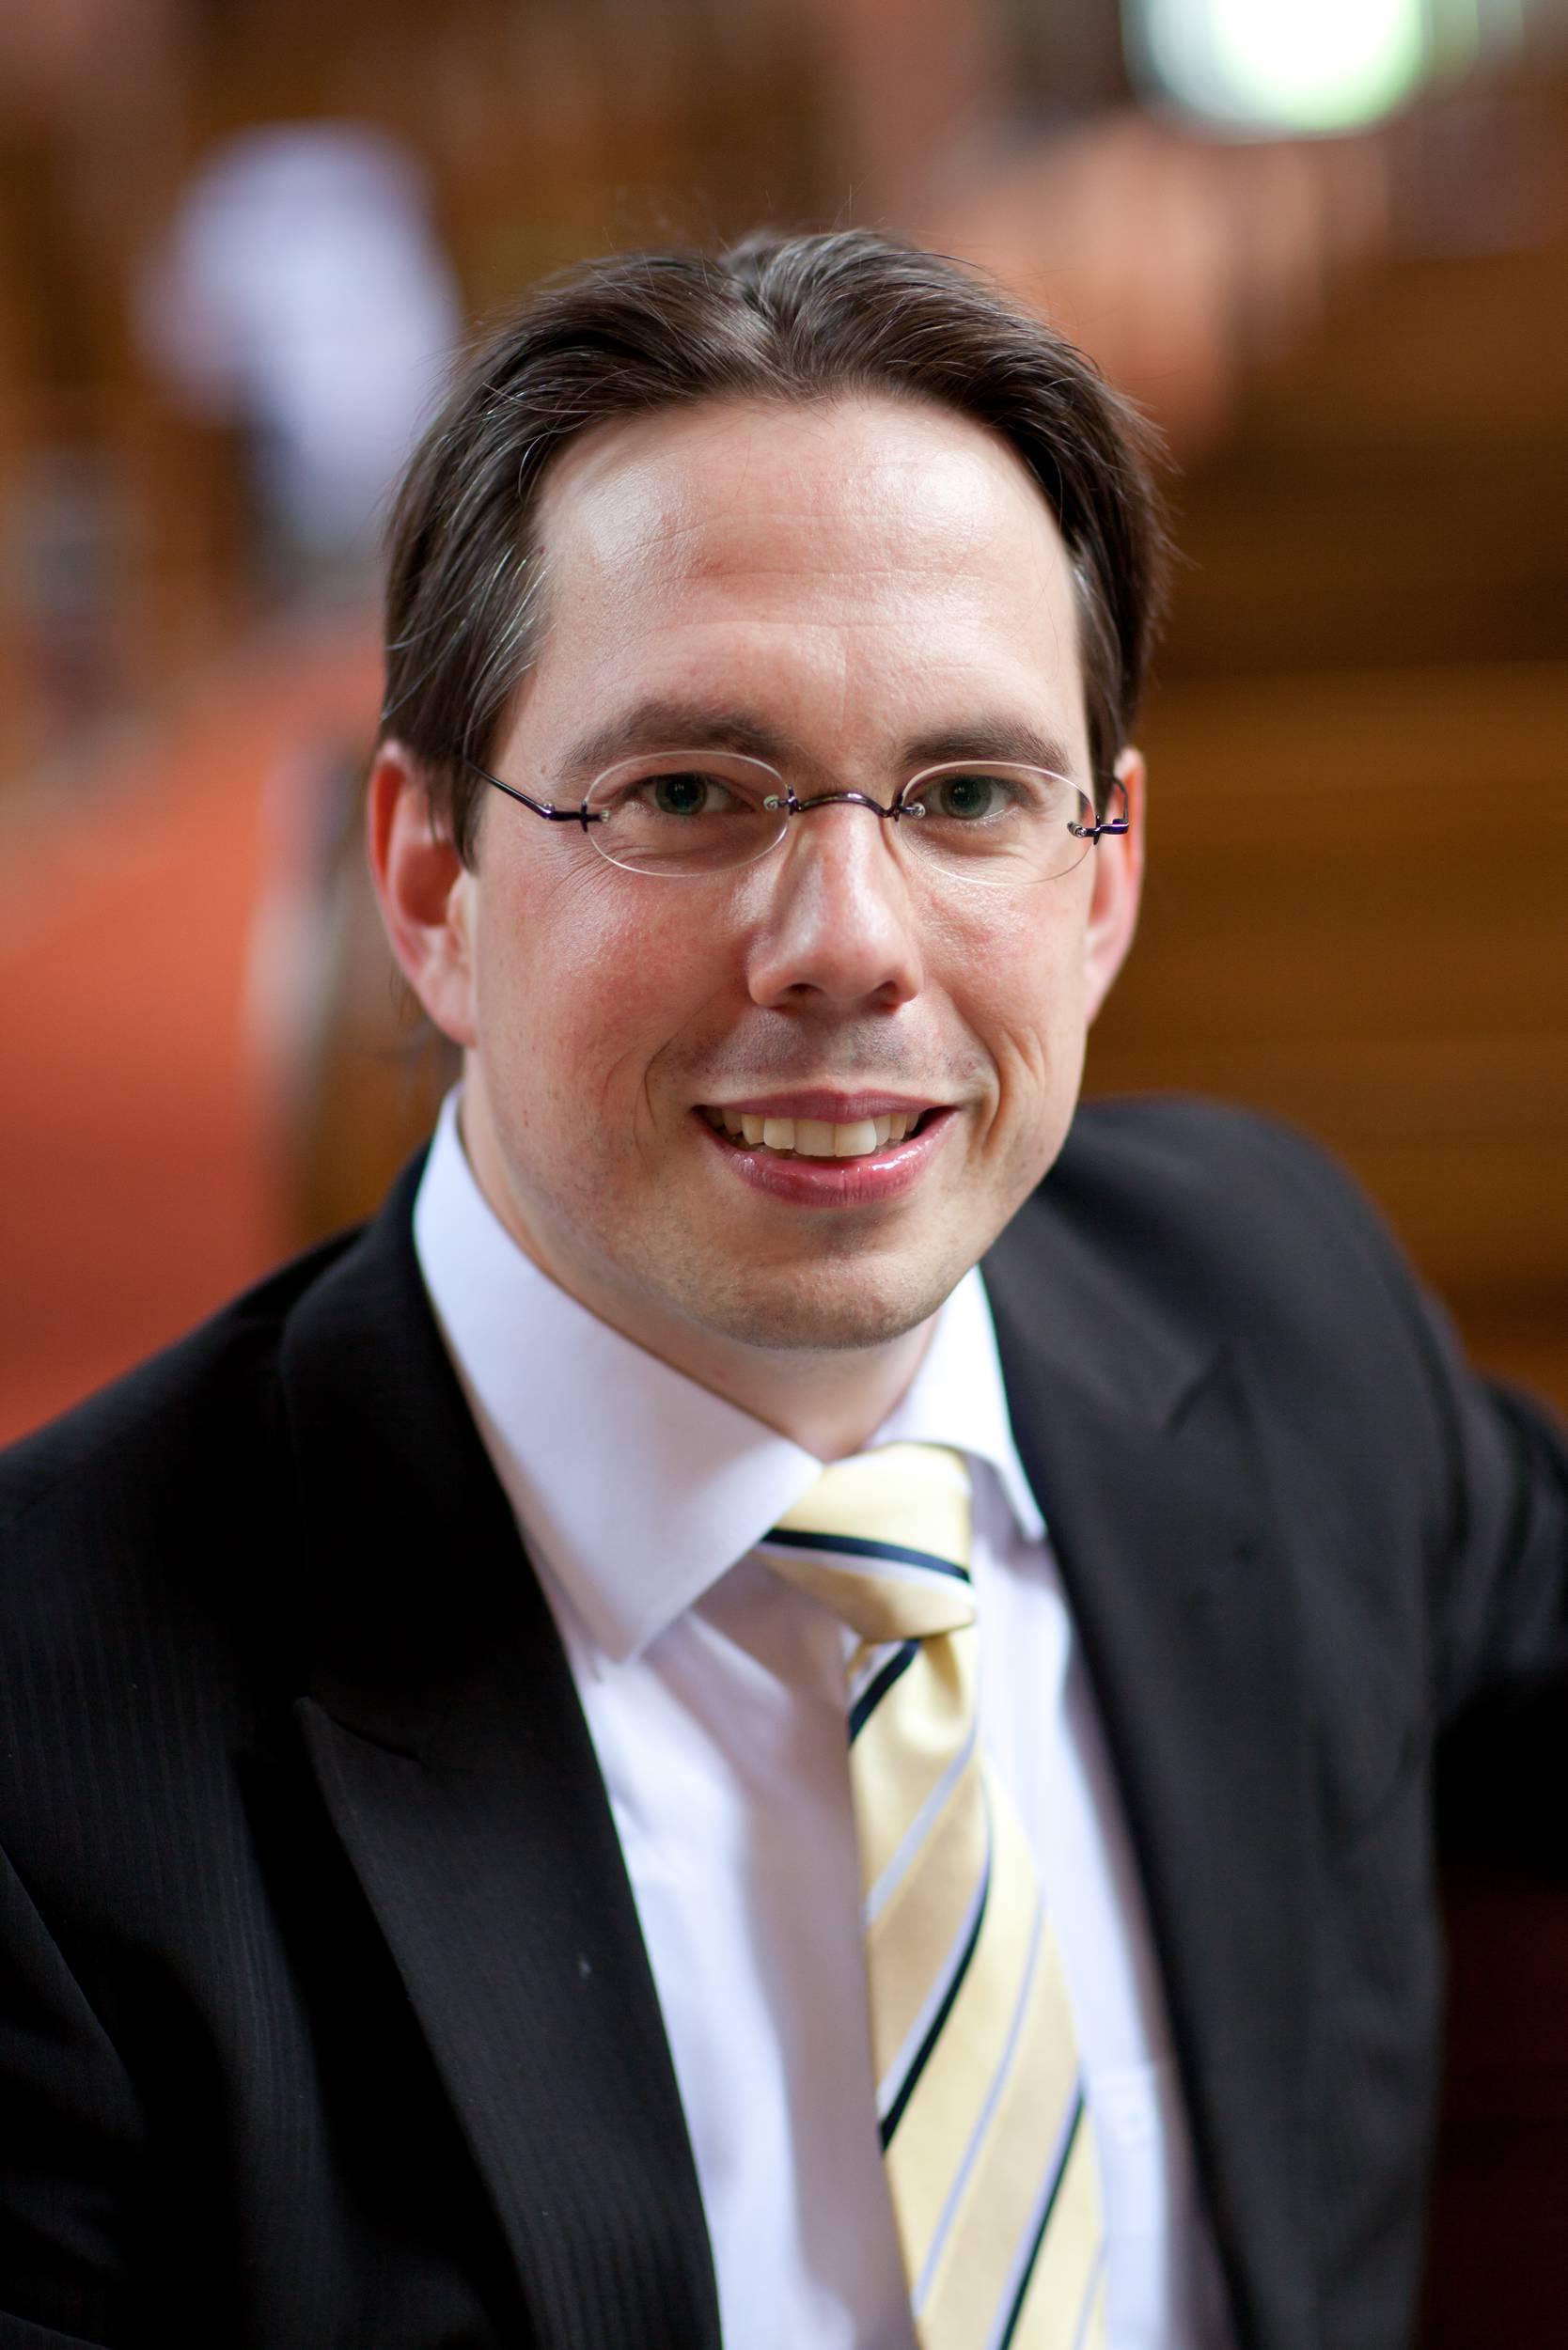 Lutz Brenner